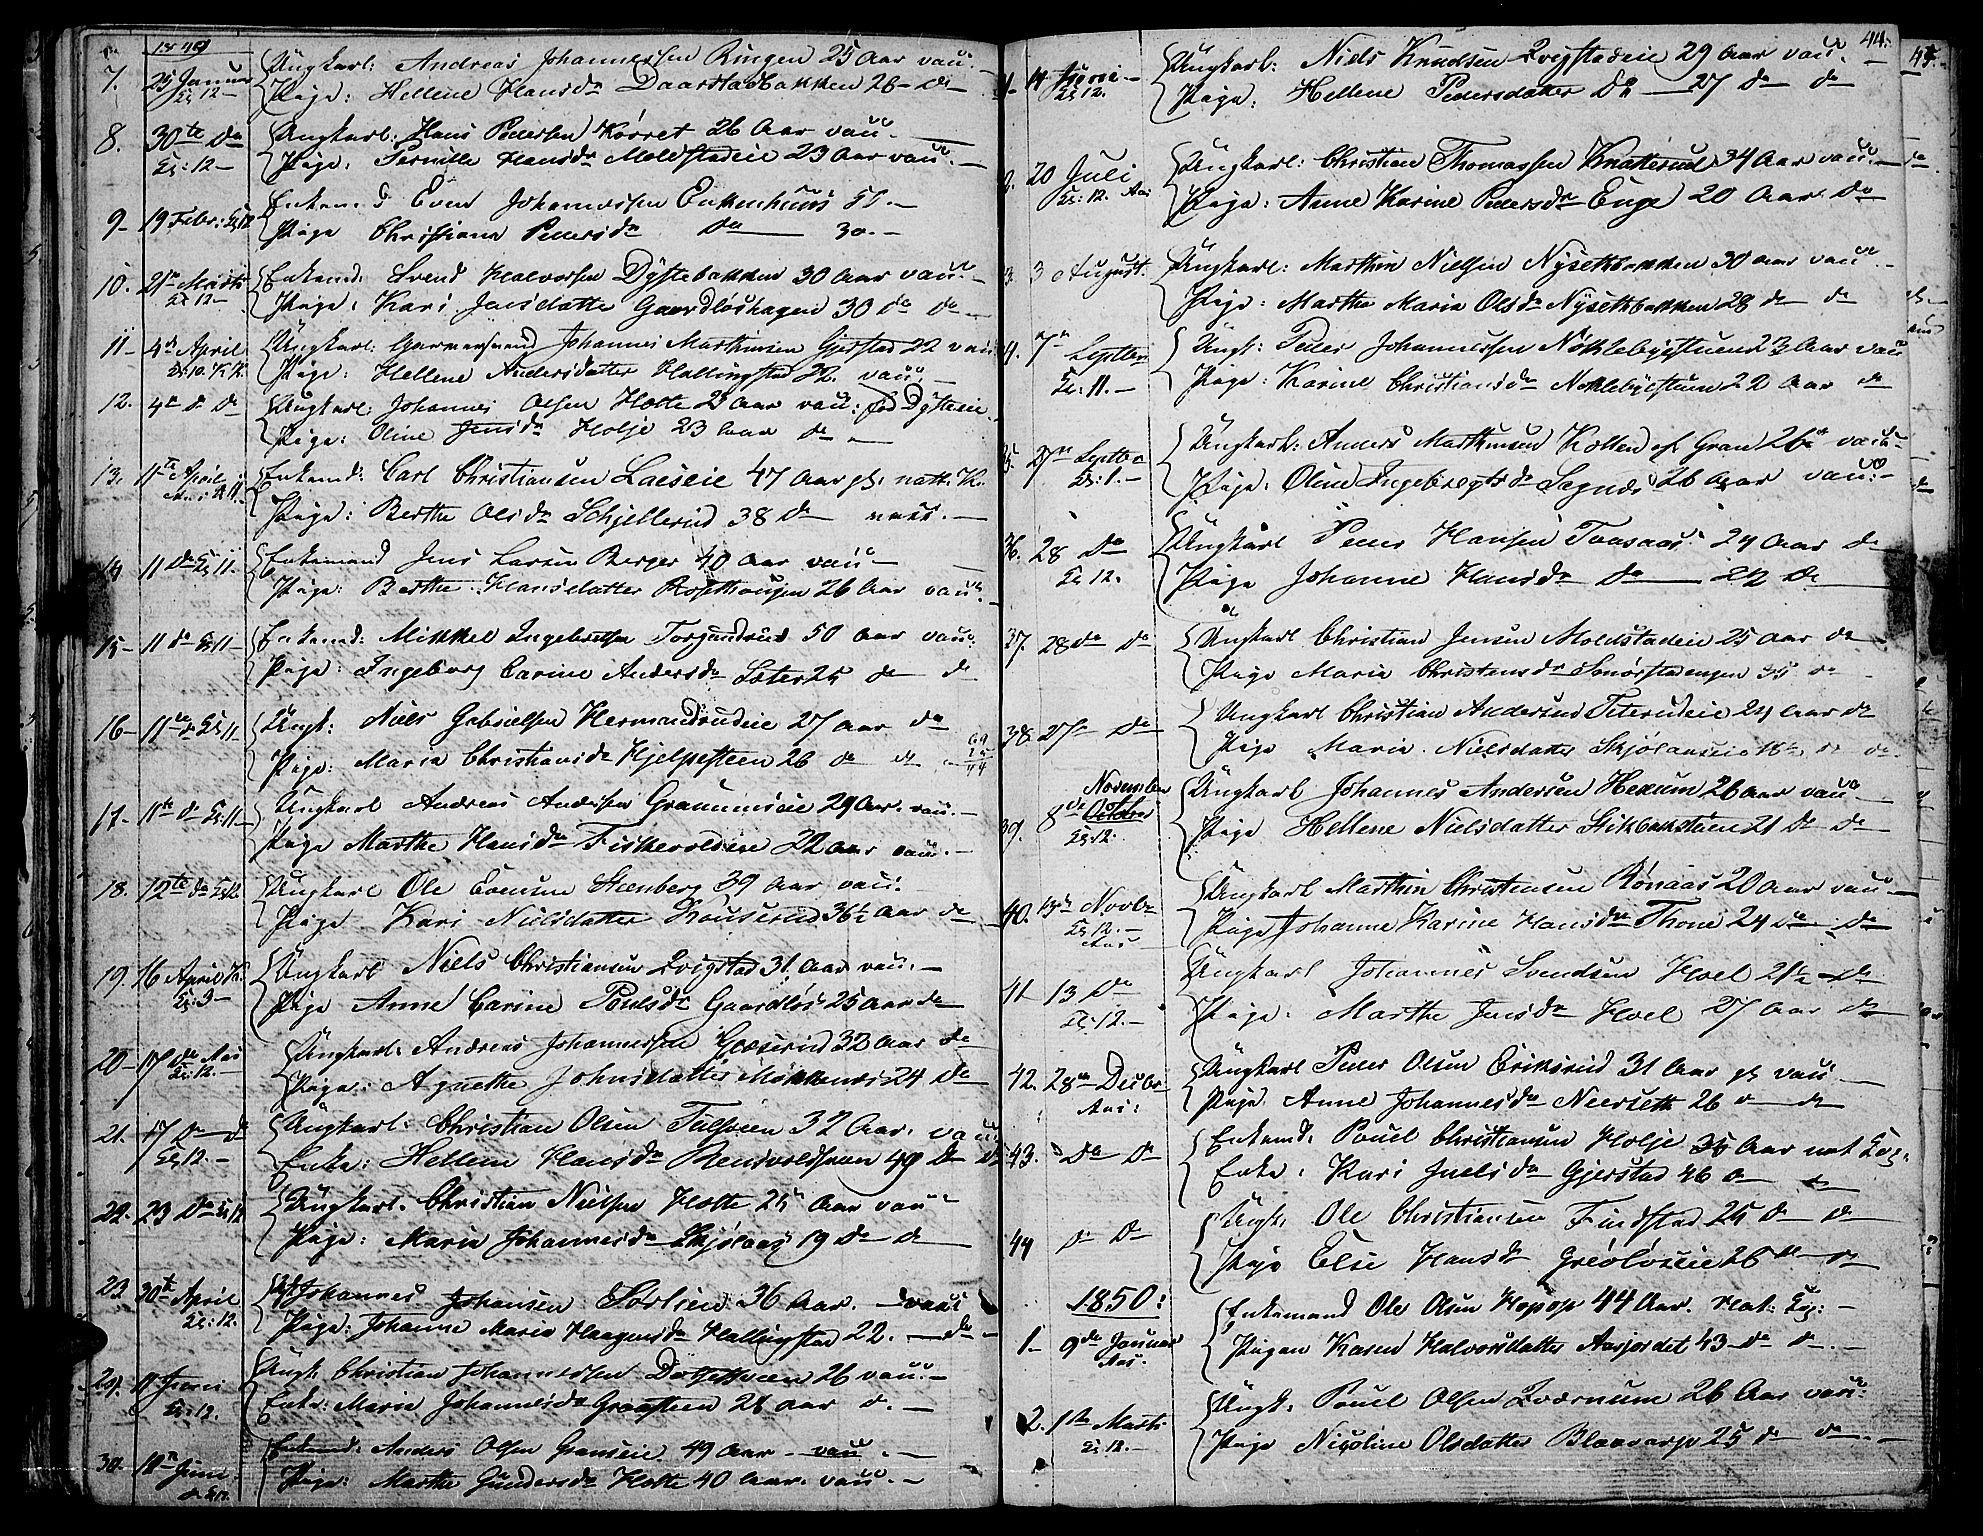 SAH, Vestre Toten prestekontor, H/Ha/Hab/L0003: Parish register (copy) no. 3, 1846-1854, p. 44